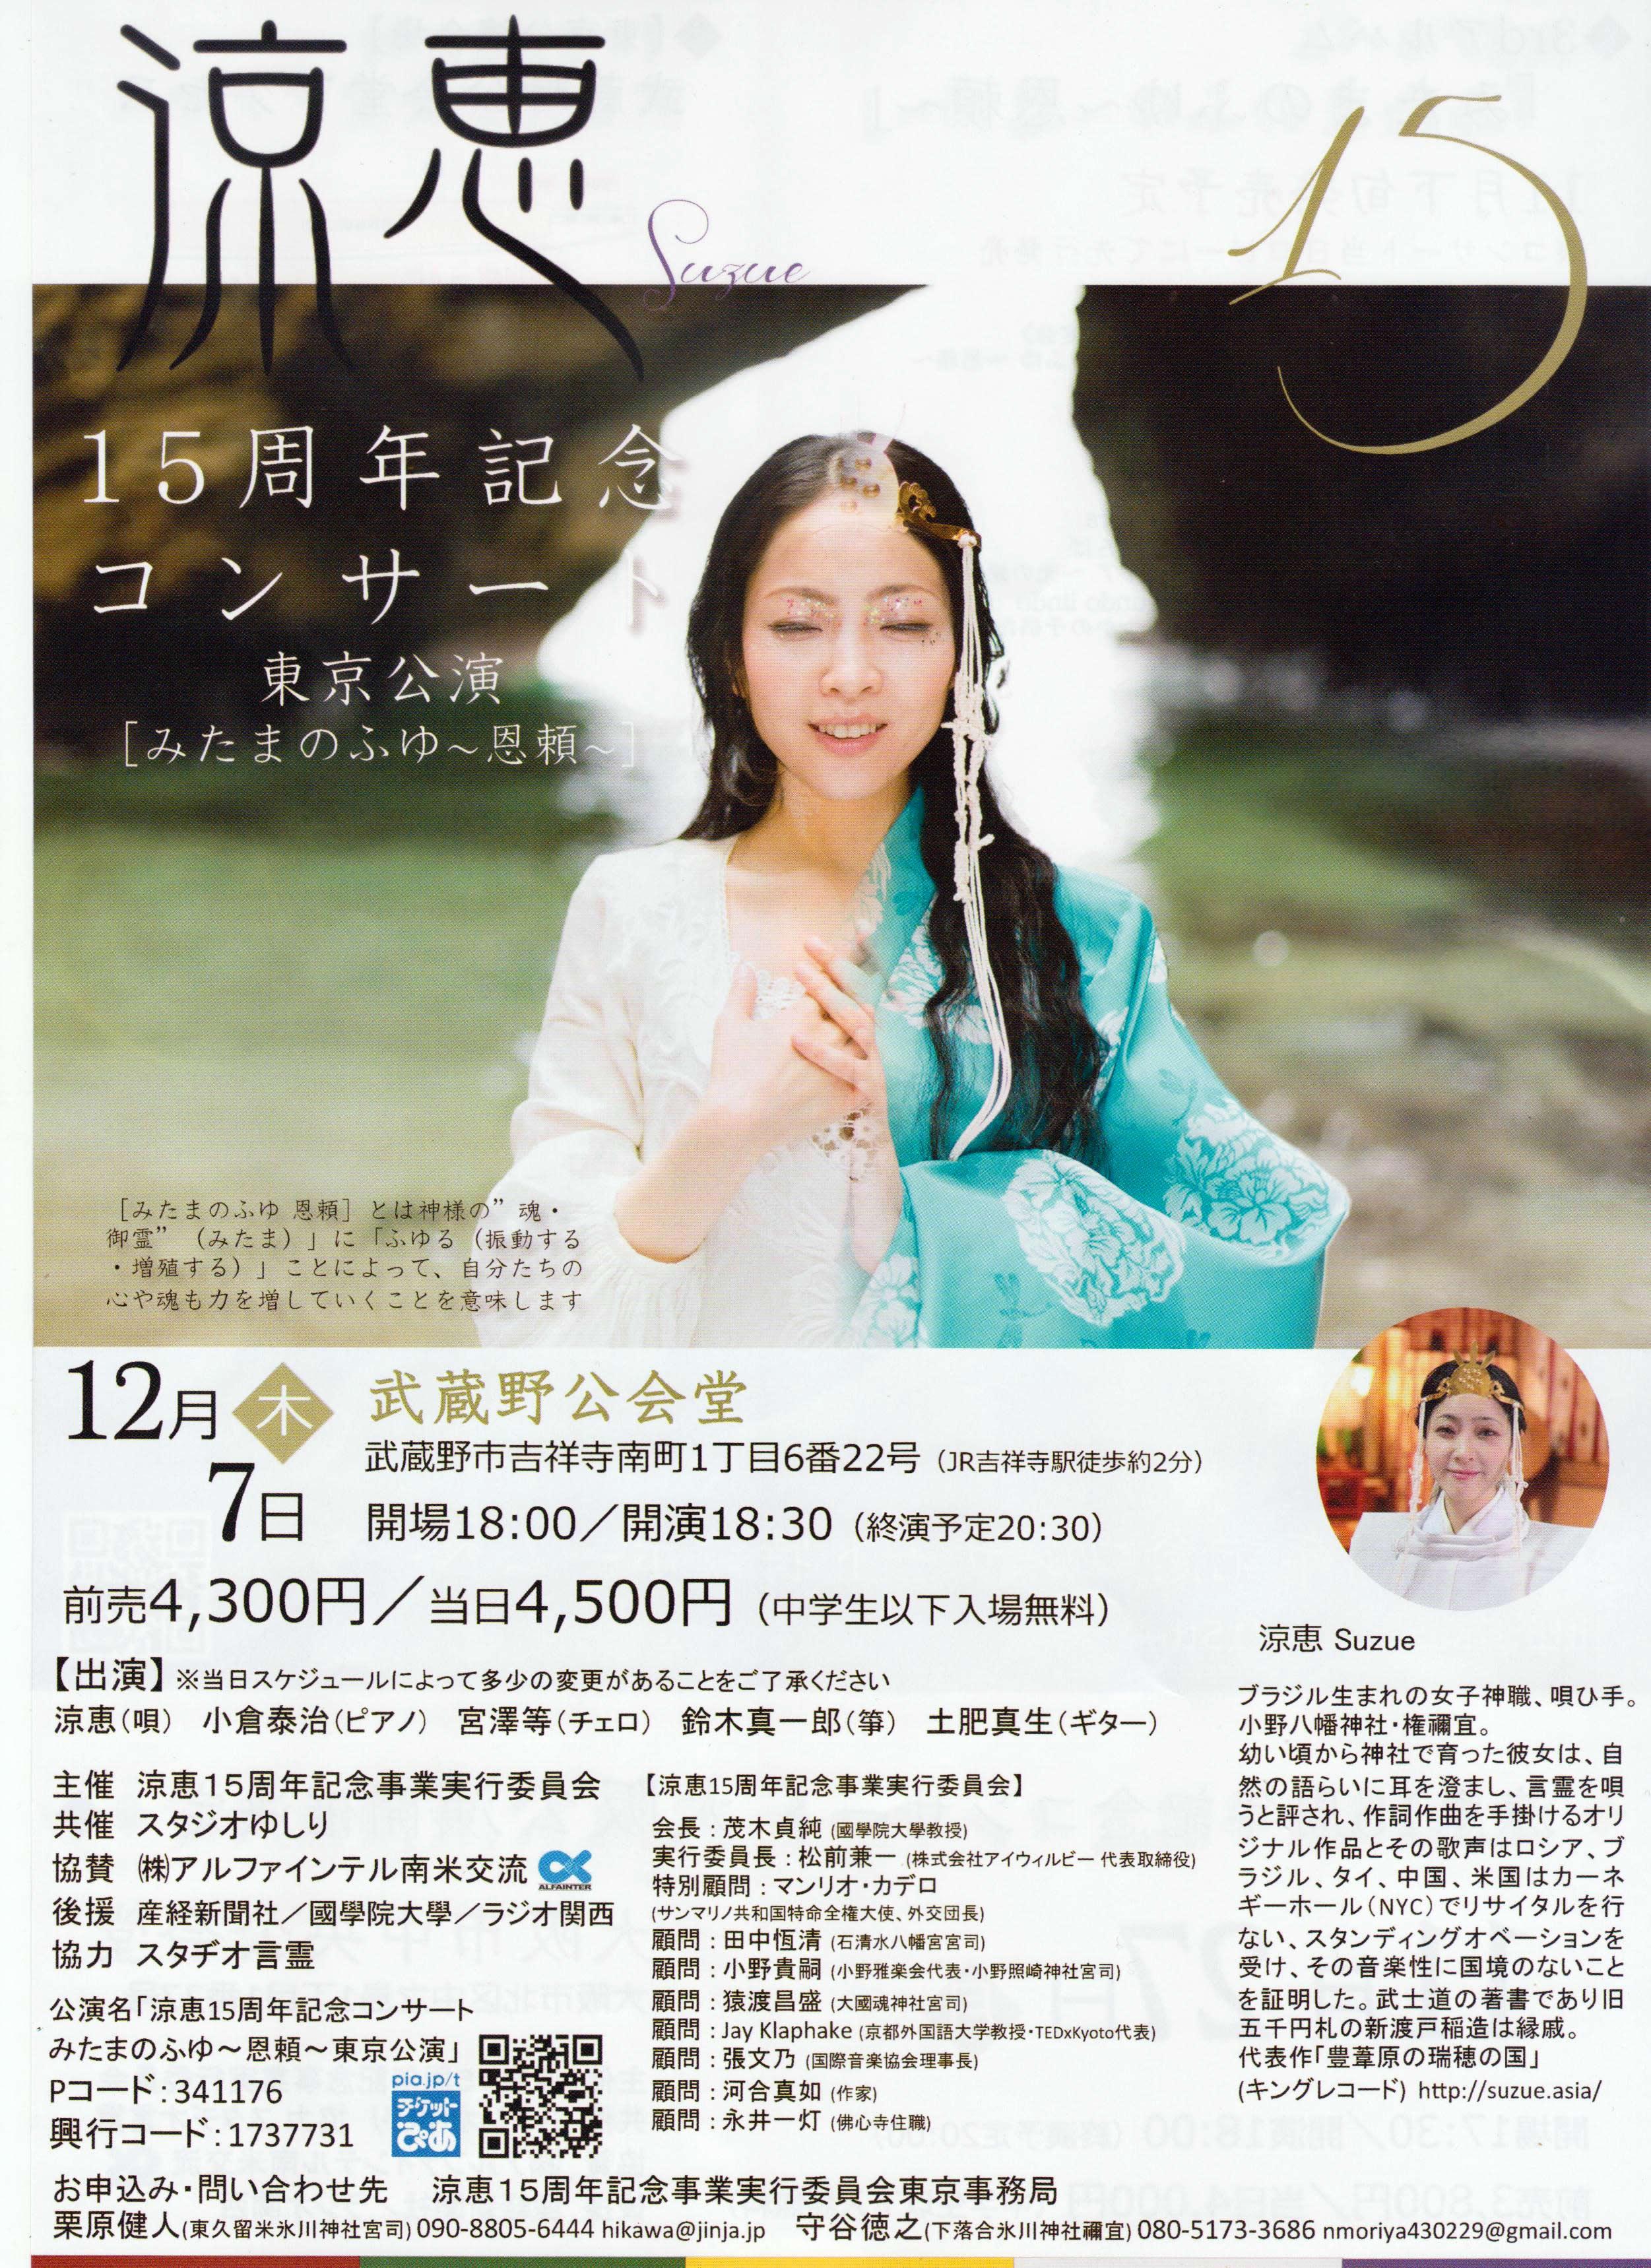 5 001 - 2017年10月7日(土)東京思風塾開催しました。テーマ「愛ある子育てとは~思春期から社会人へ~」